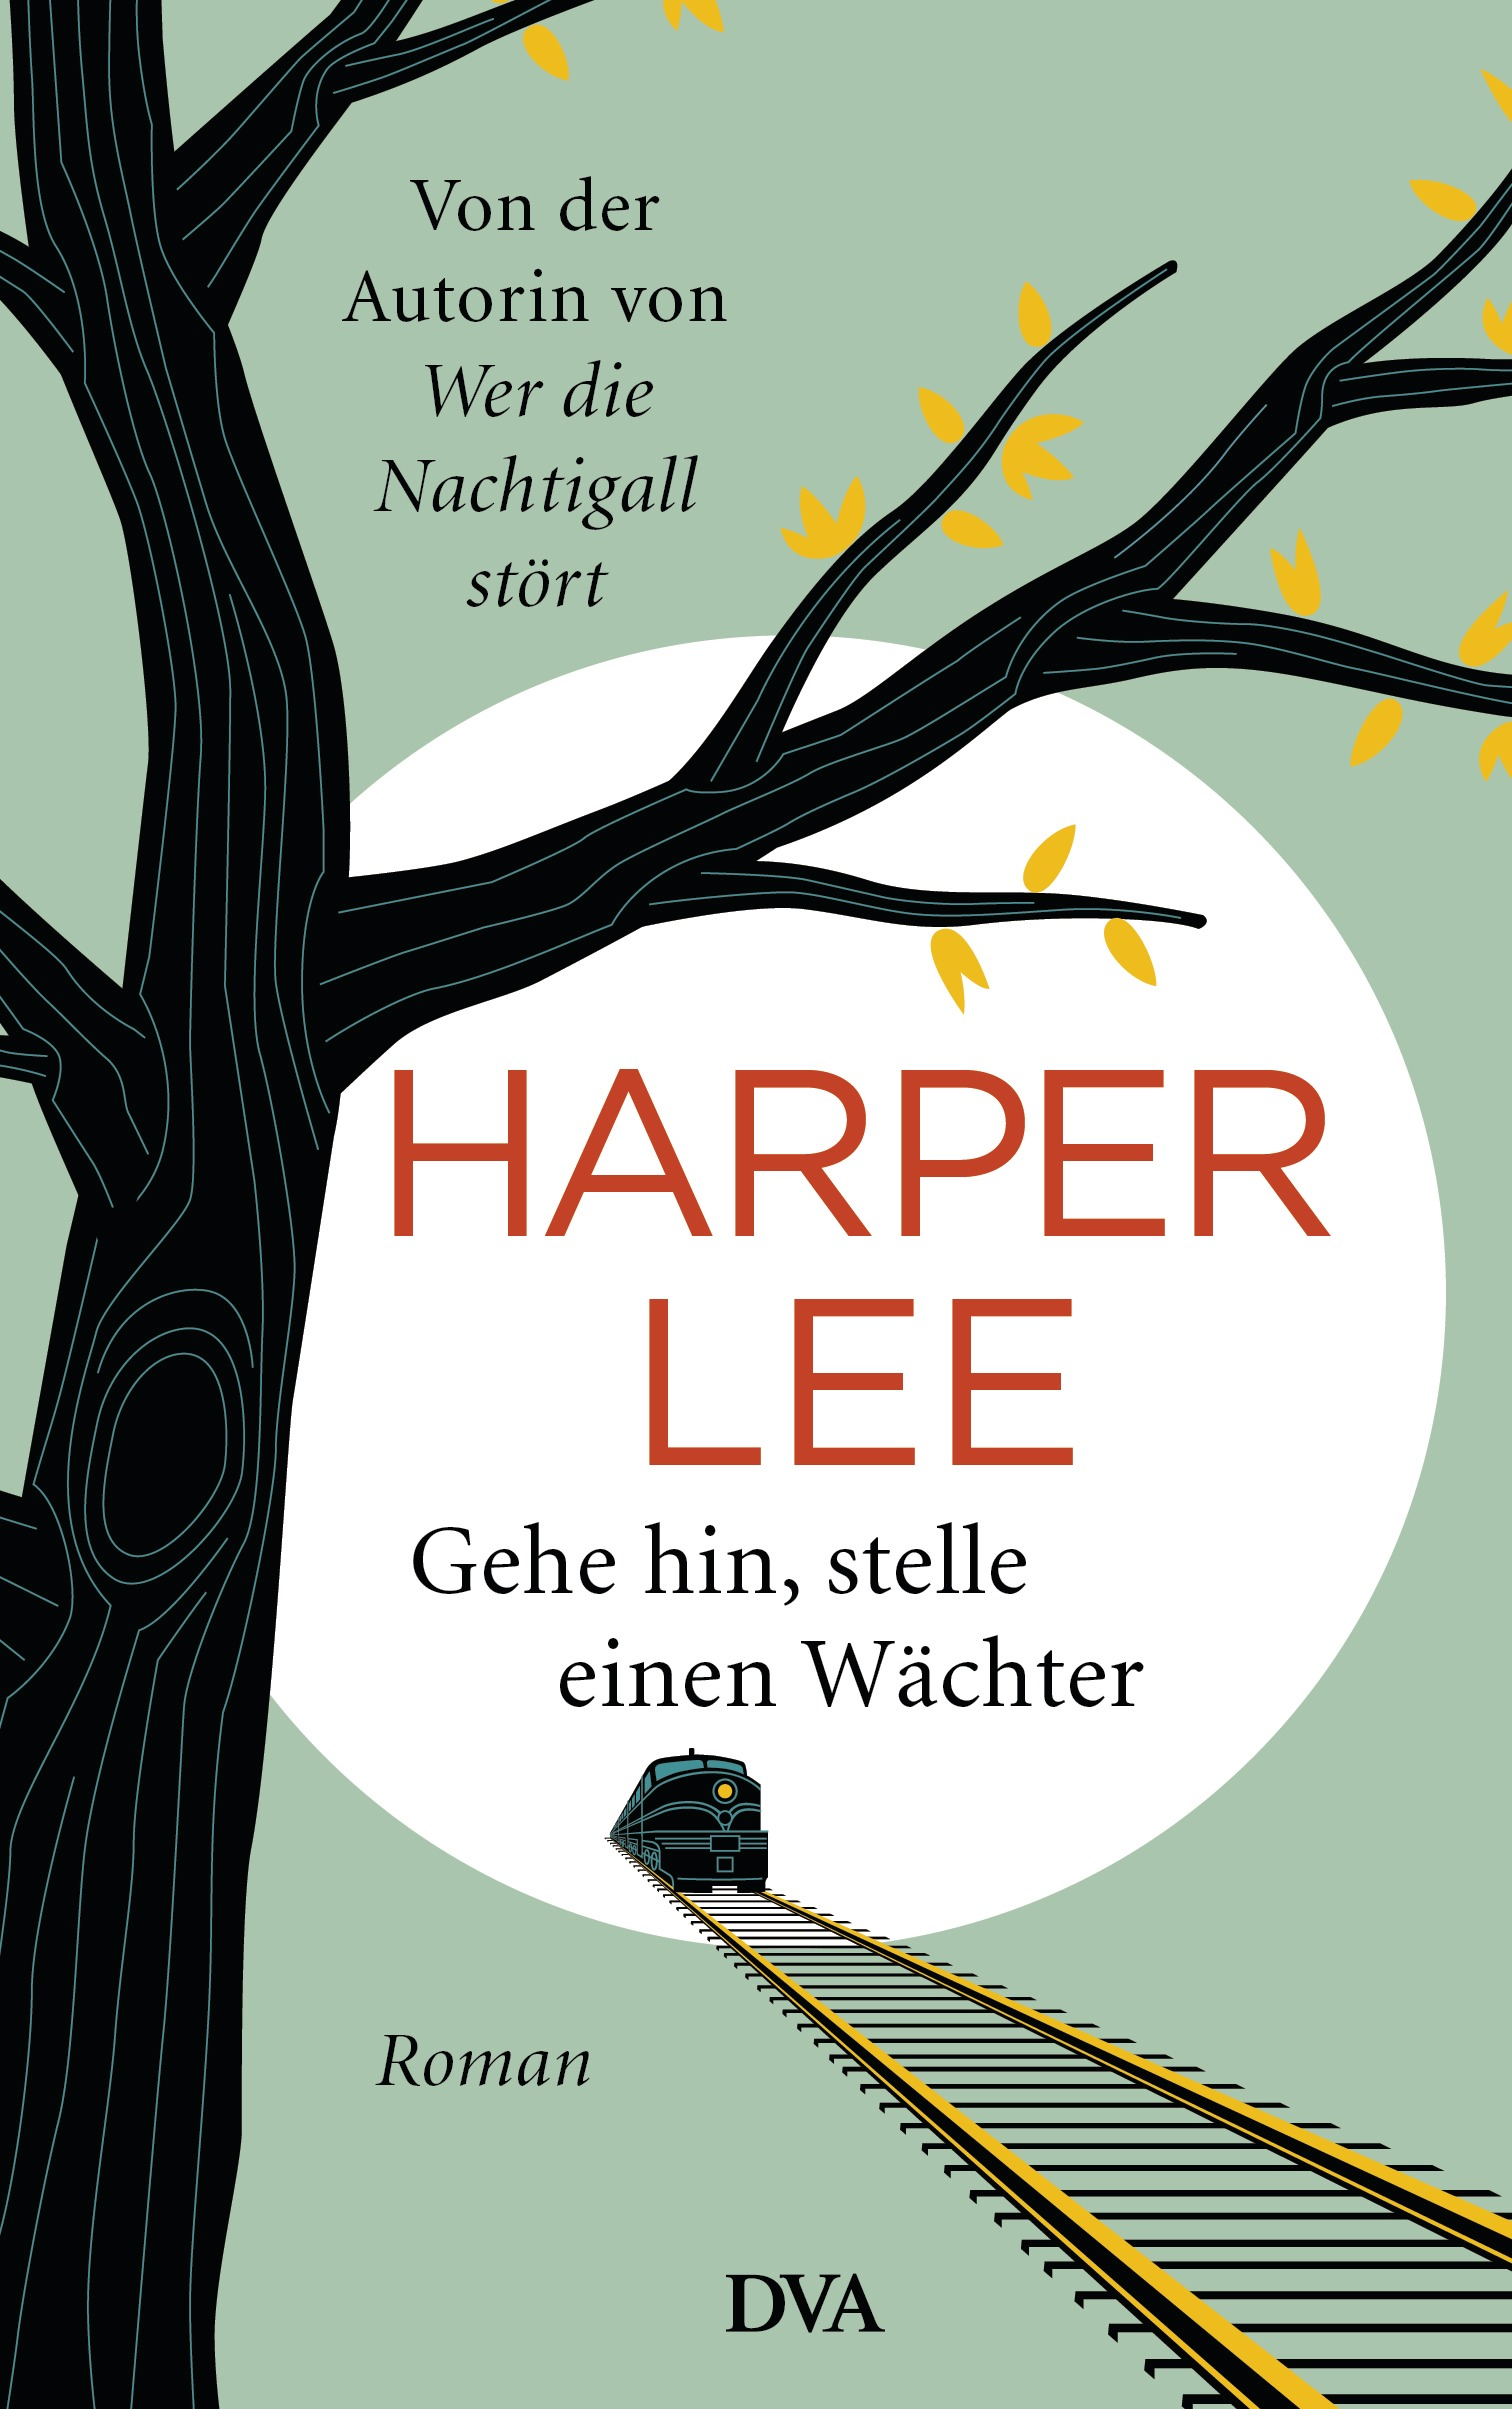 Gehe hin, stelle einen Wächter - Harper Lee